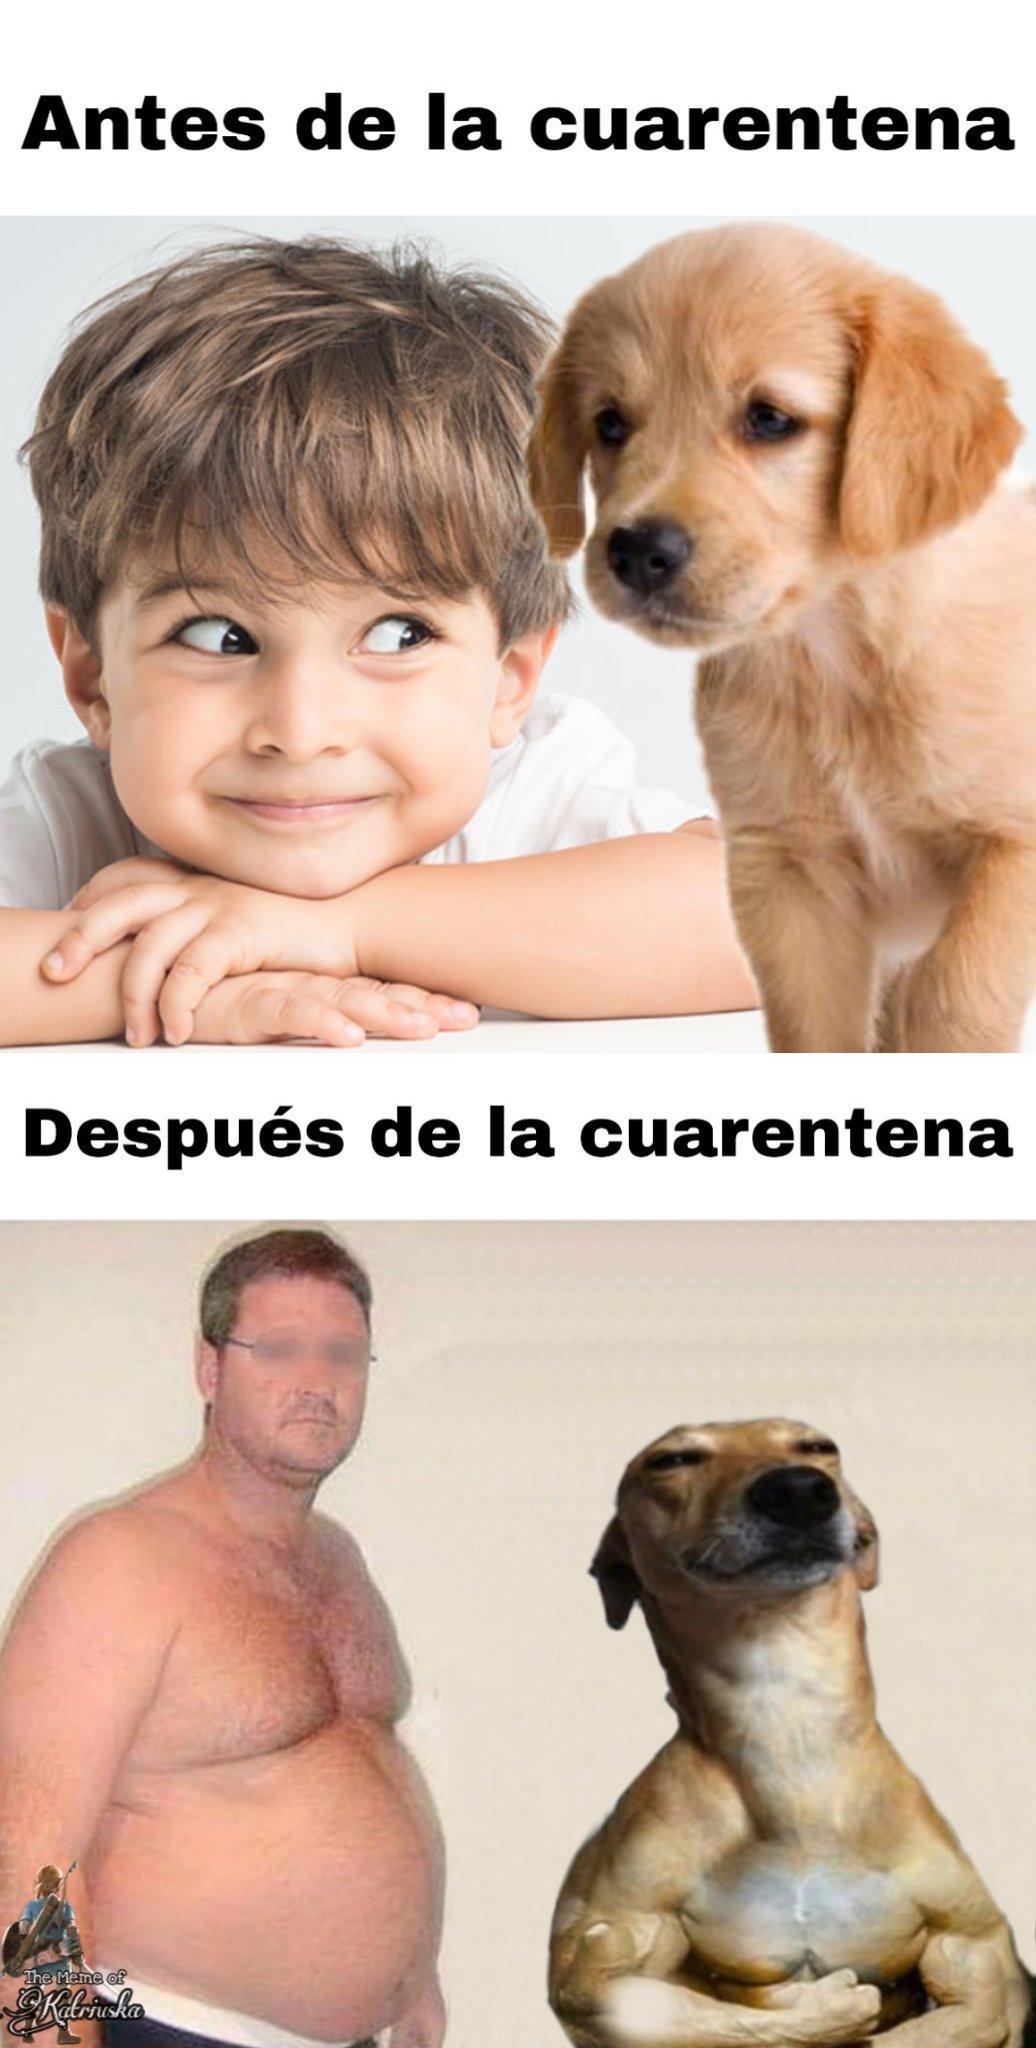 ASÍ ACABARON - meme